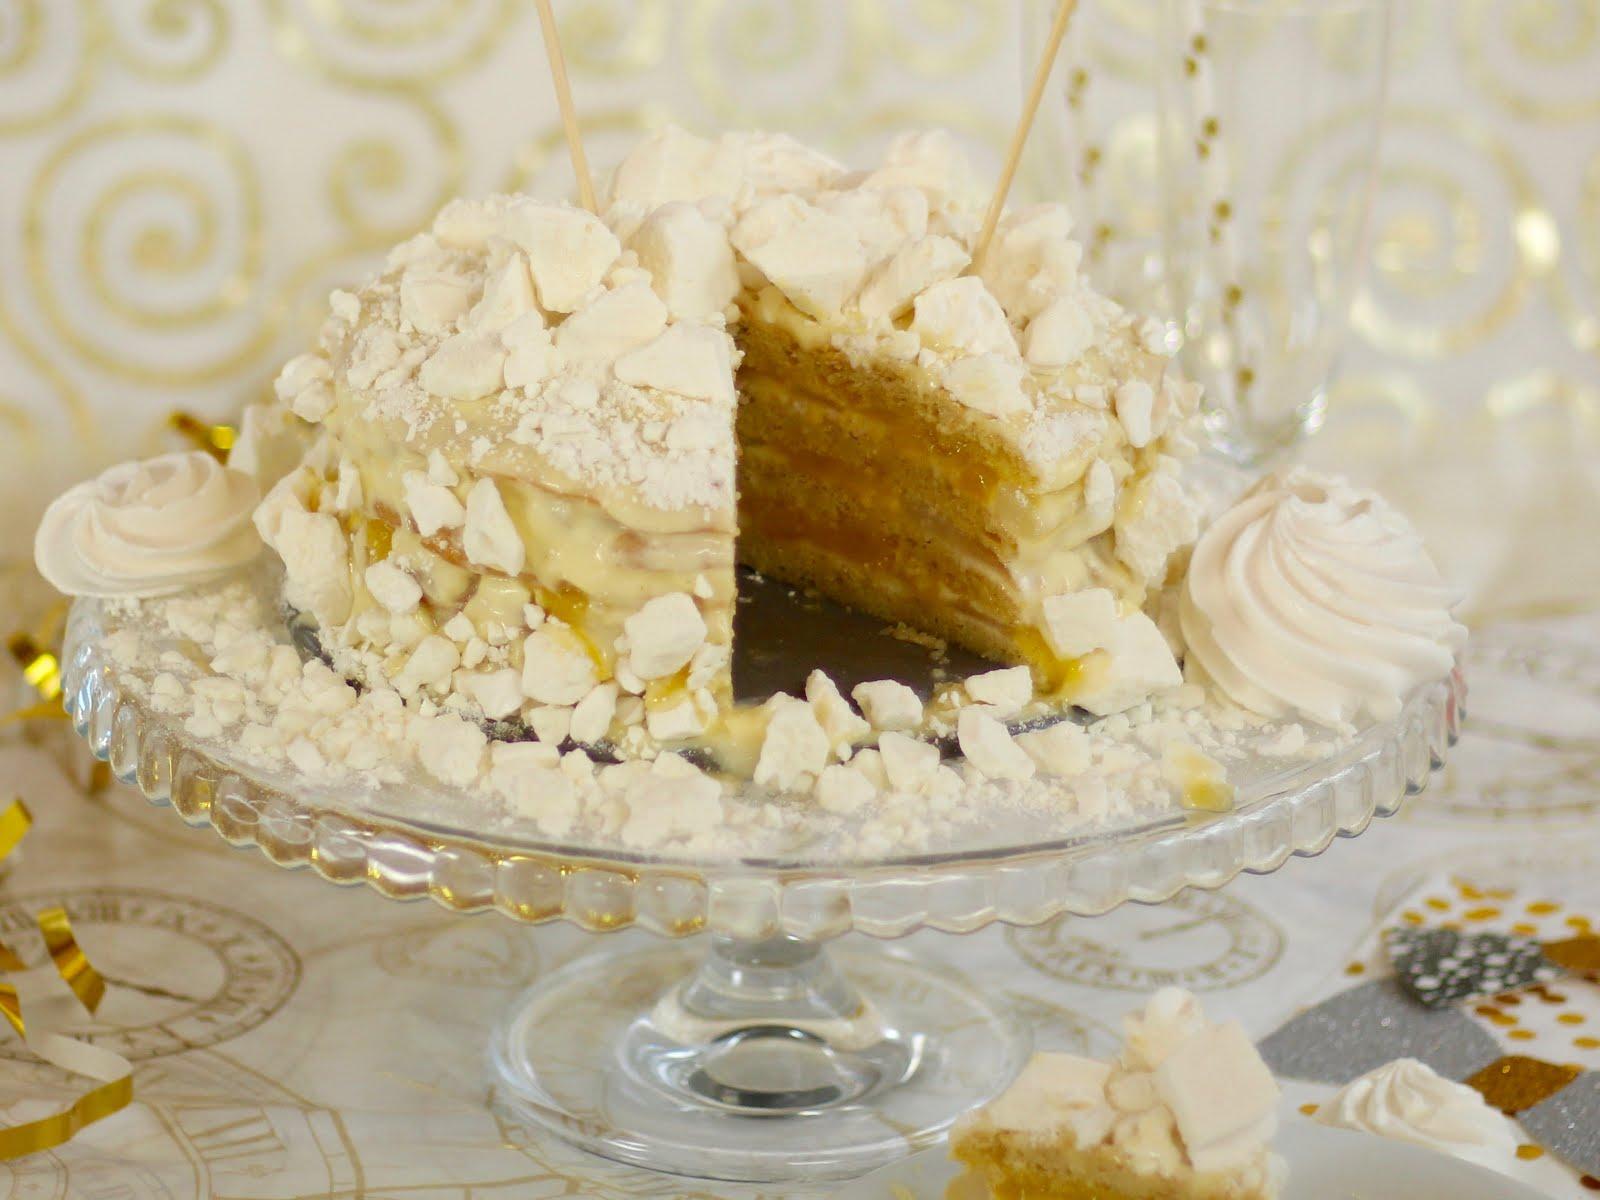 Traumhafte Schneeflockentorte mit Lemon Curd, Baiser und Mascarpone  - Rezept und Video von Sugarprincess